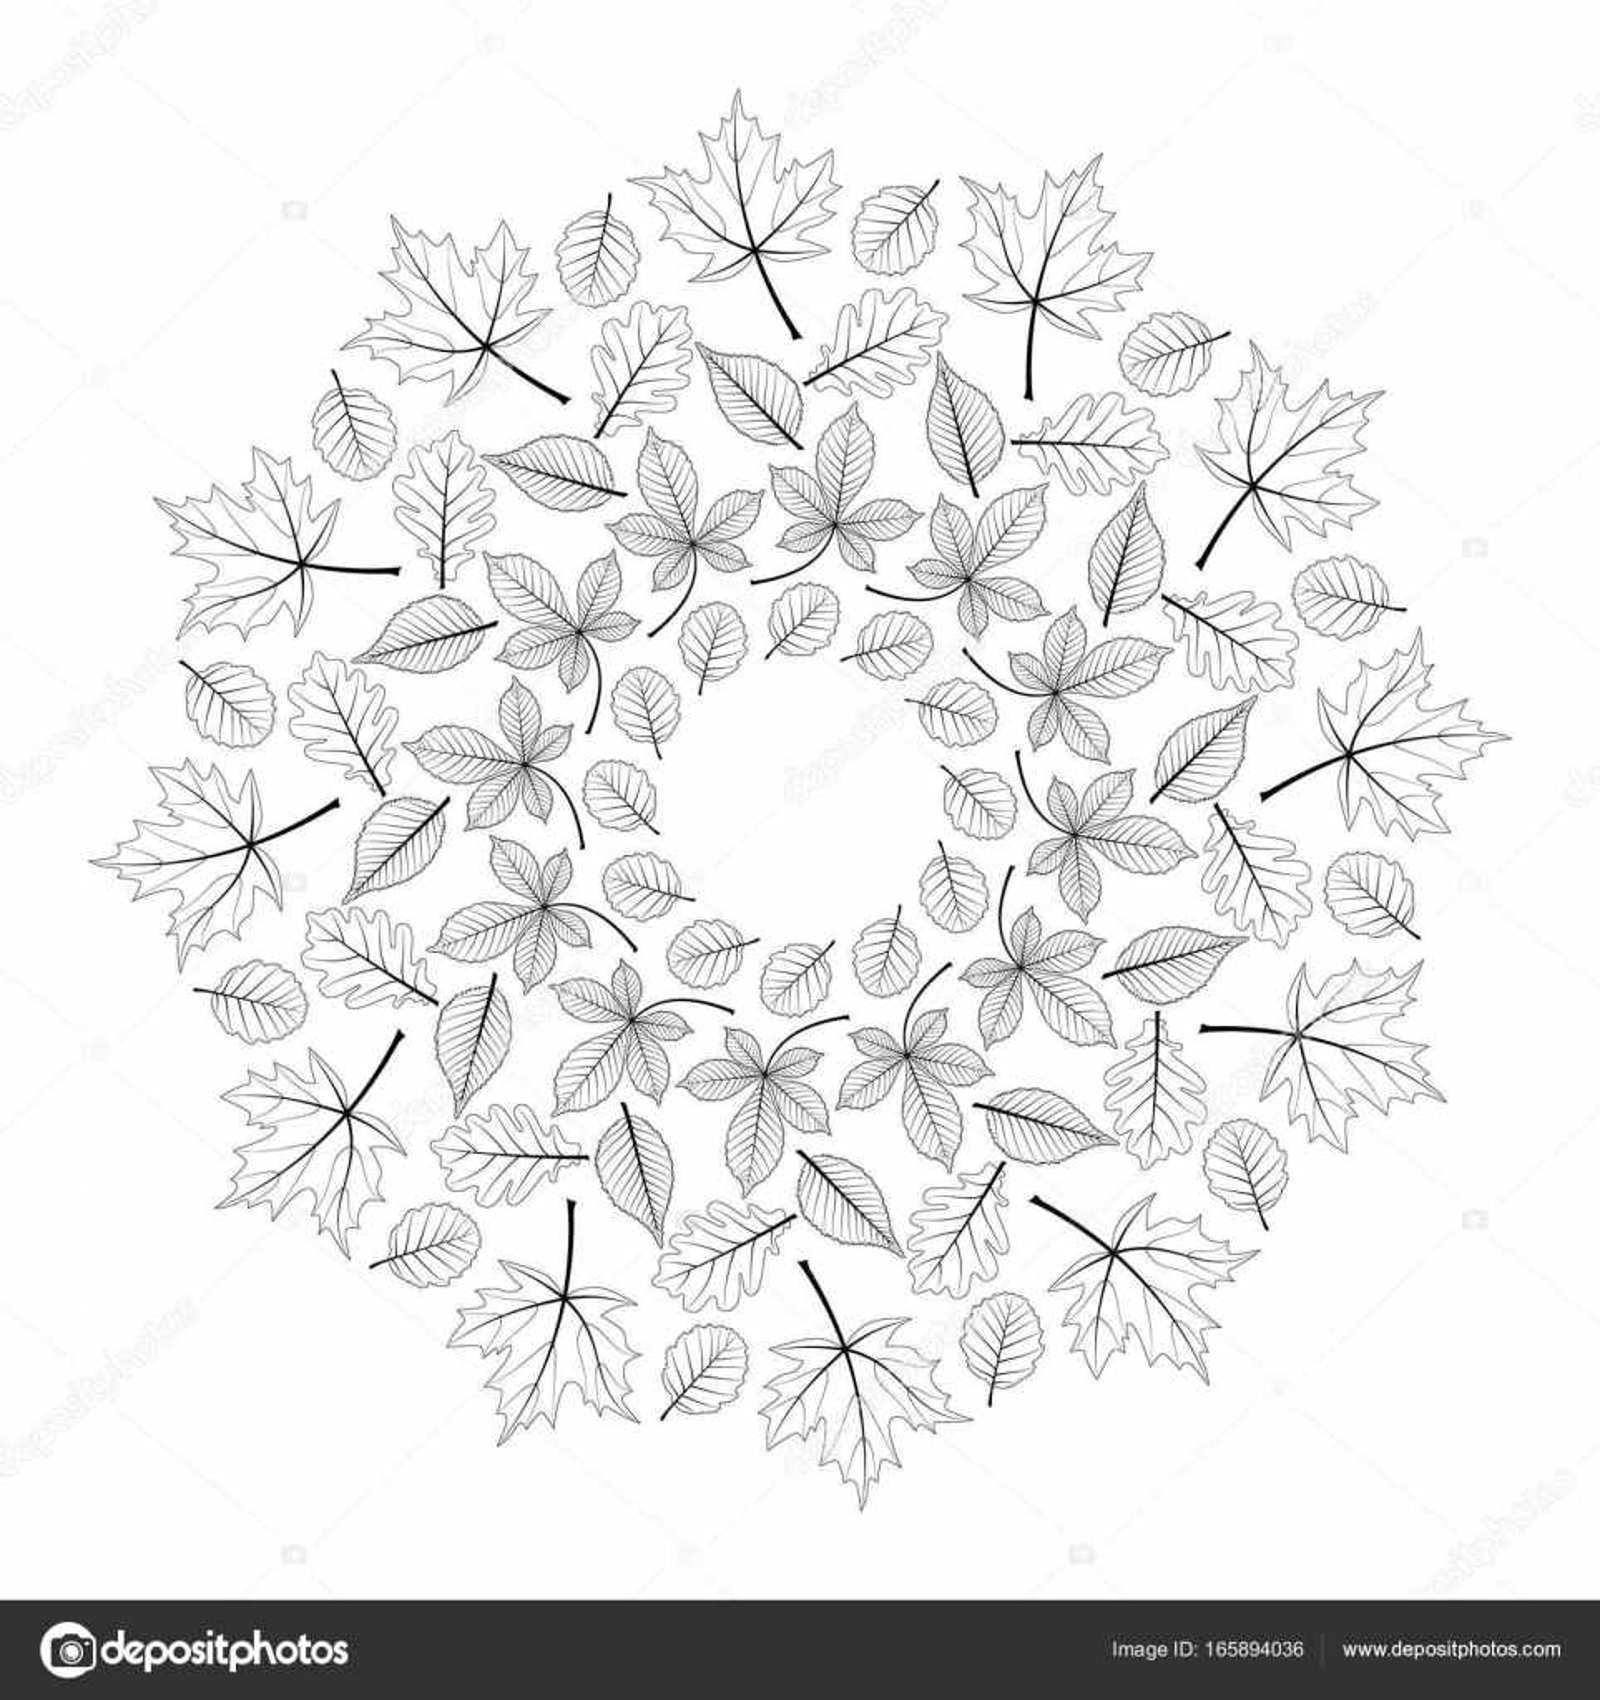 Kleurplaten Herfst Mandala.Vector Zwart Wit Ronde Herfst Mandala Met Van De Esdoorn Eik Beuk